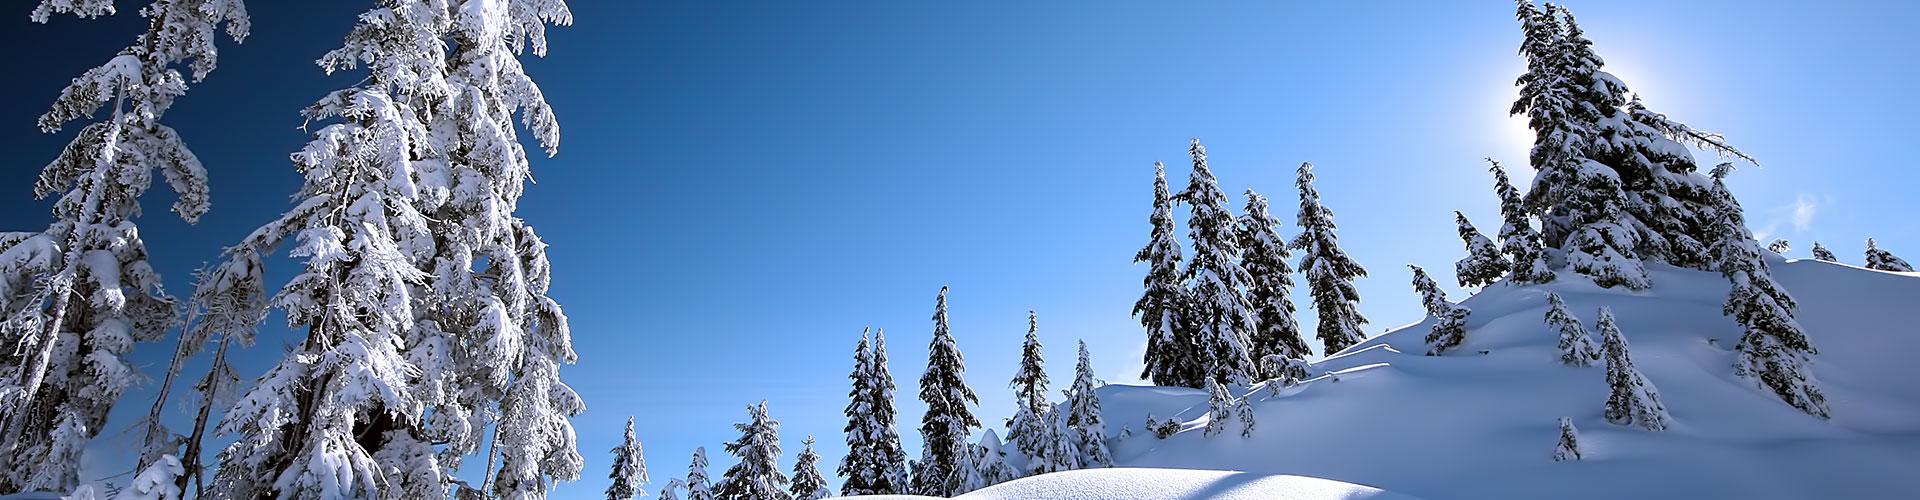 winter-bg3